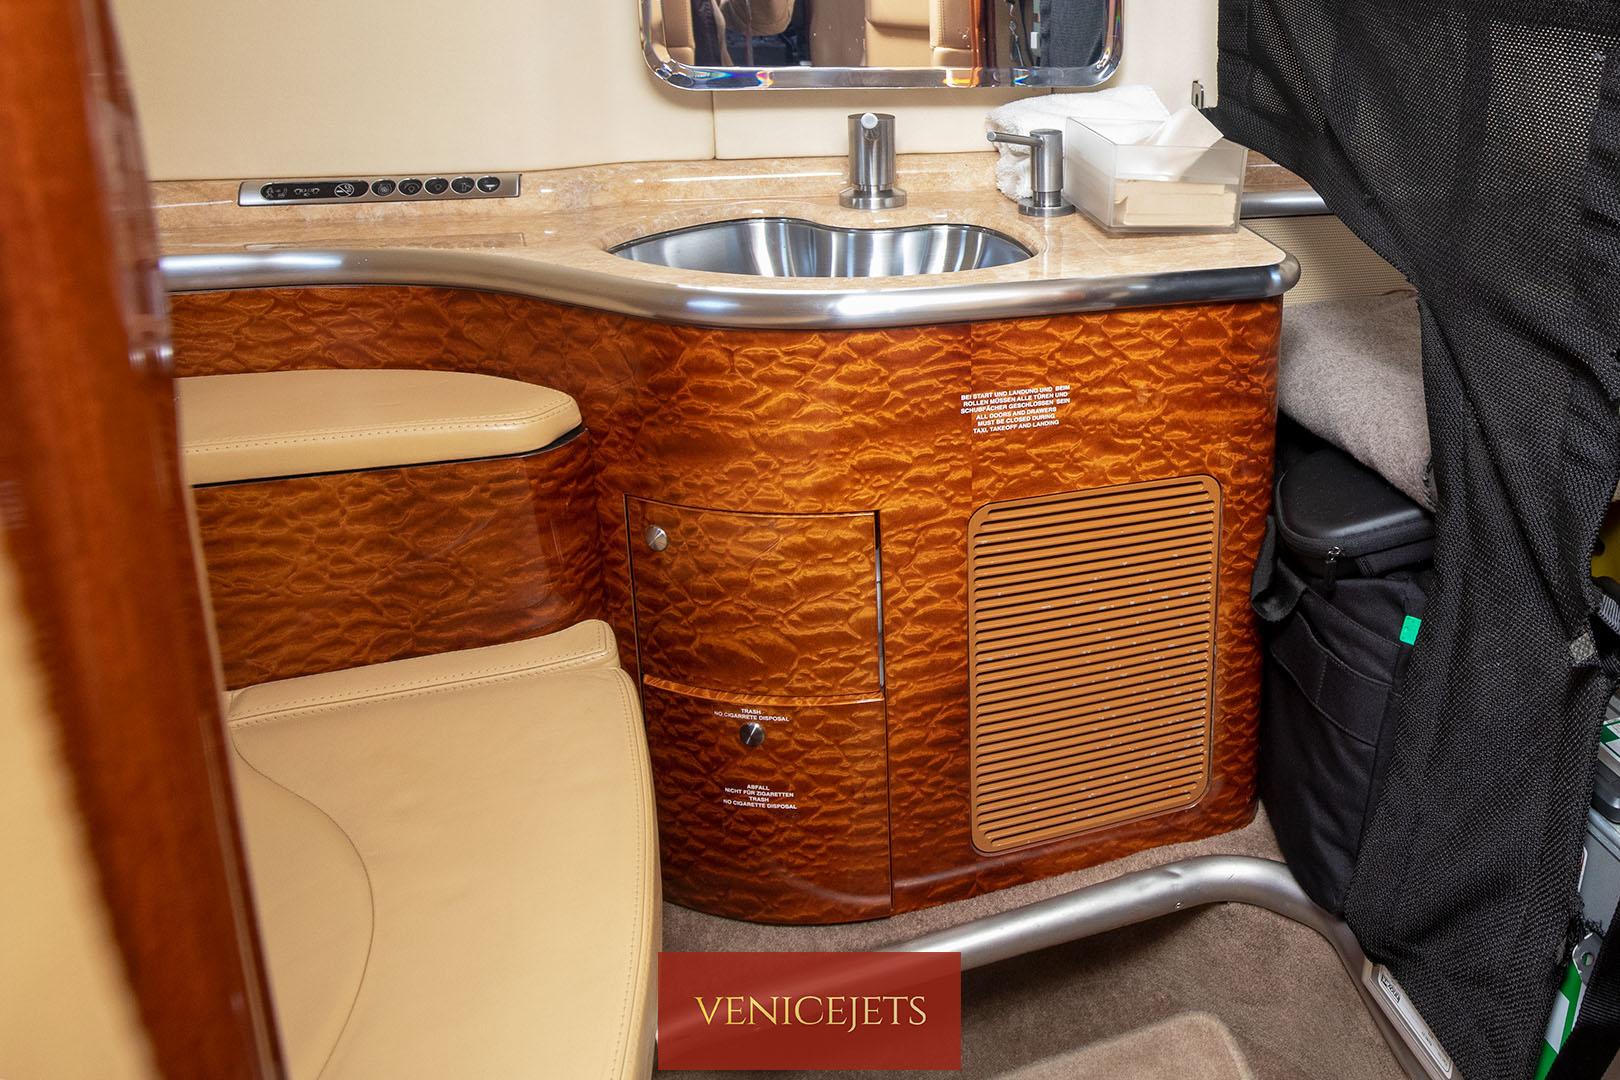 Learjet 40 - lavatory